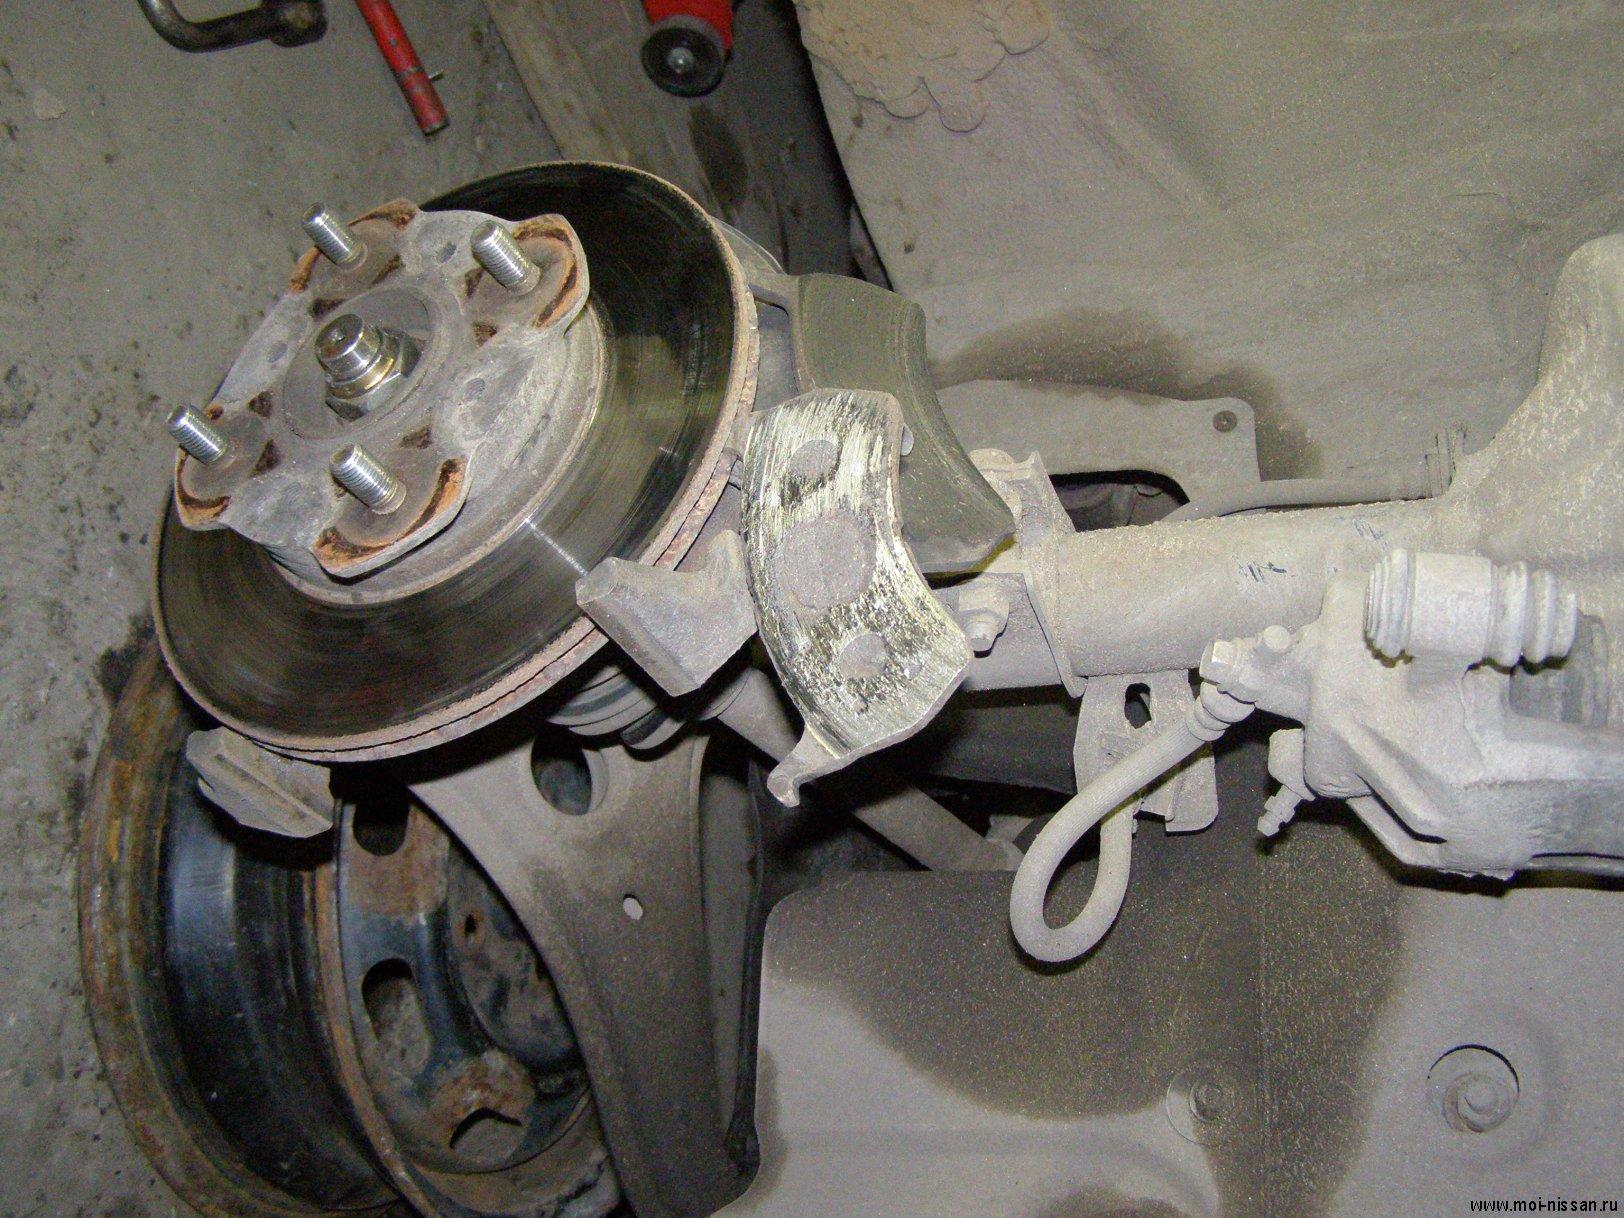 Тормозные диски на форд транзит 2009г в москве 19 фотография